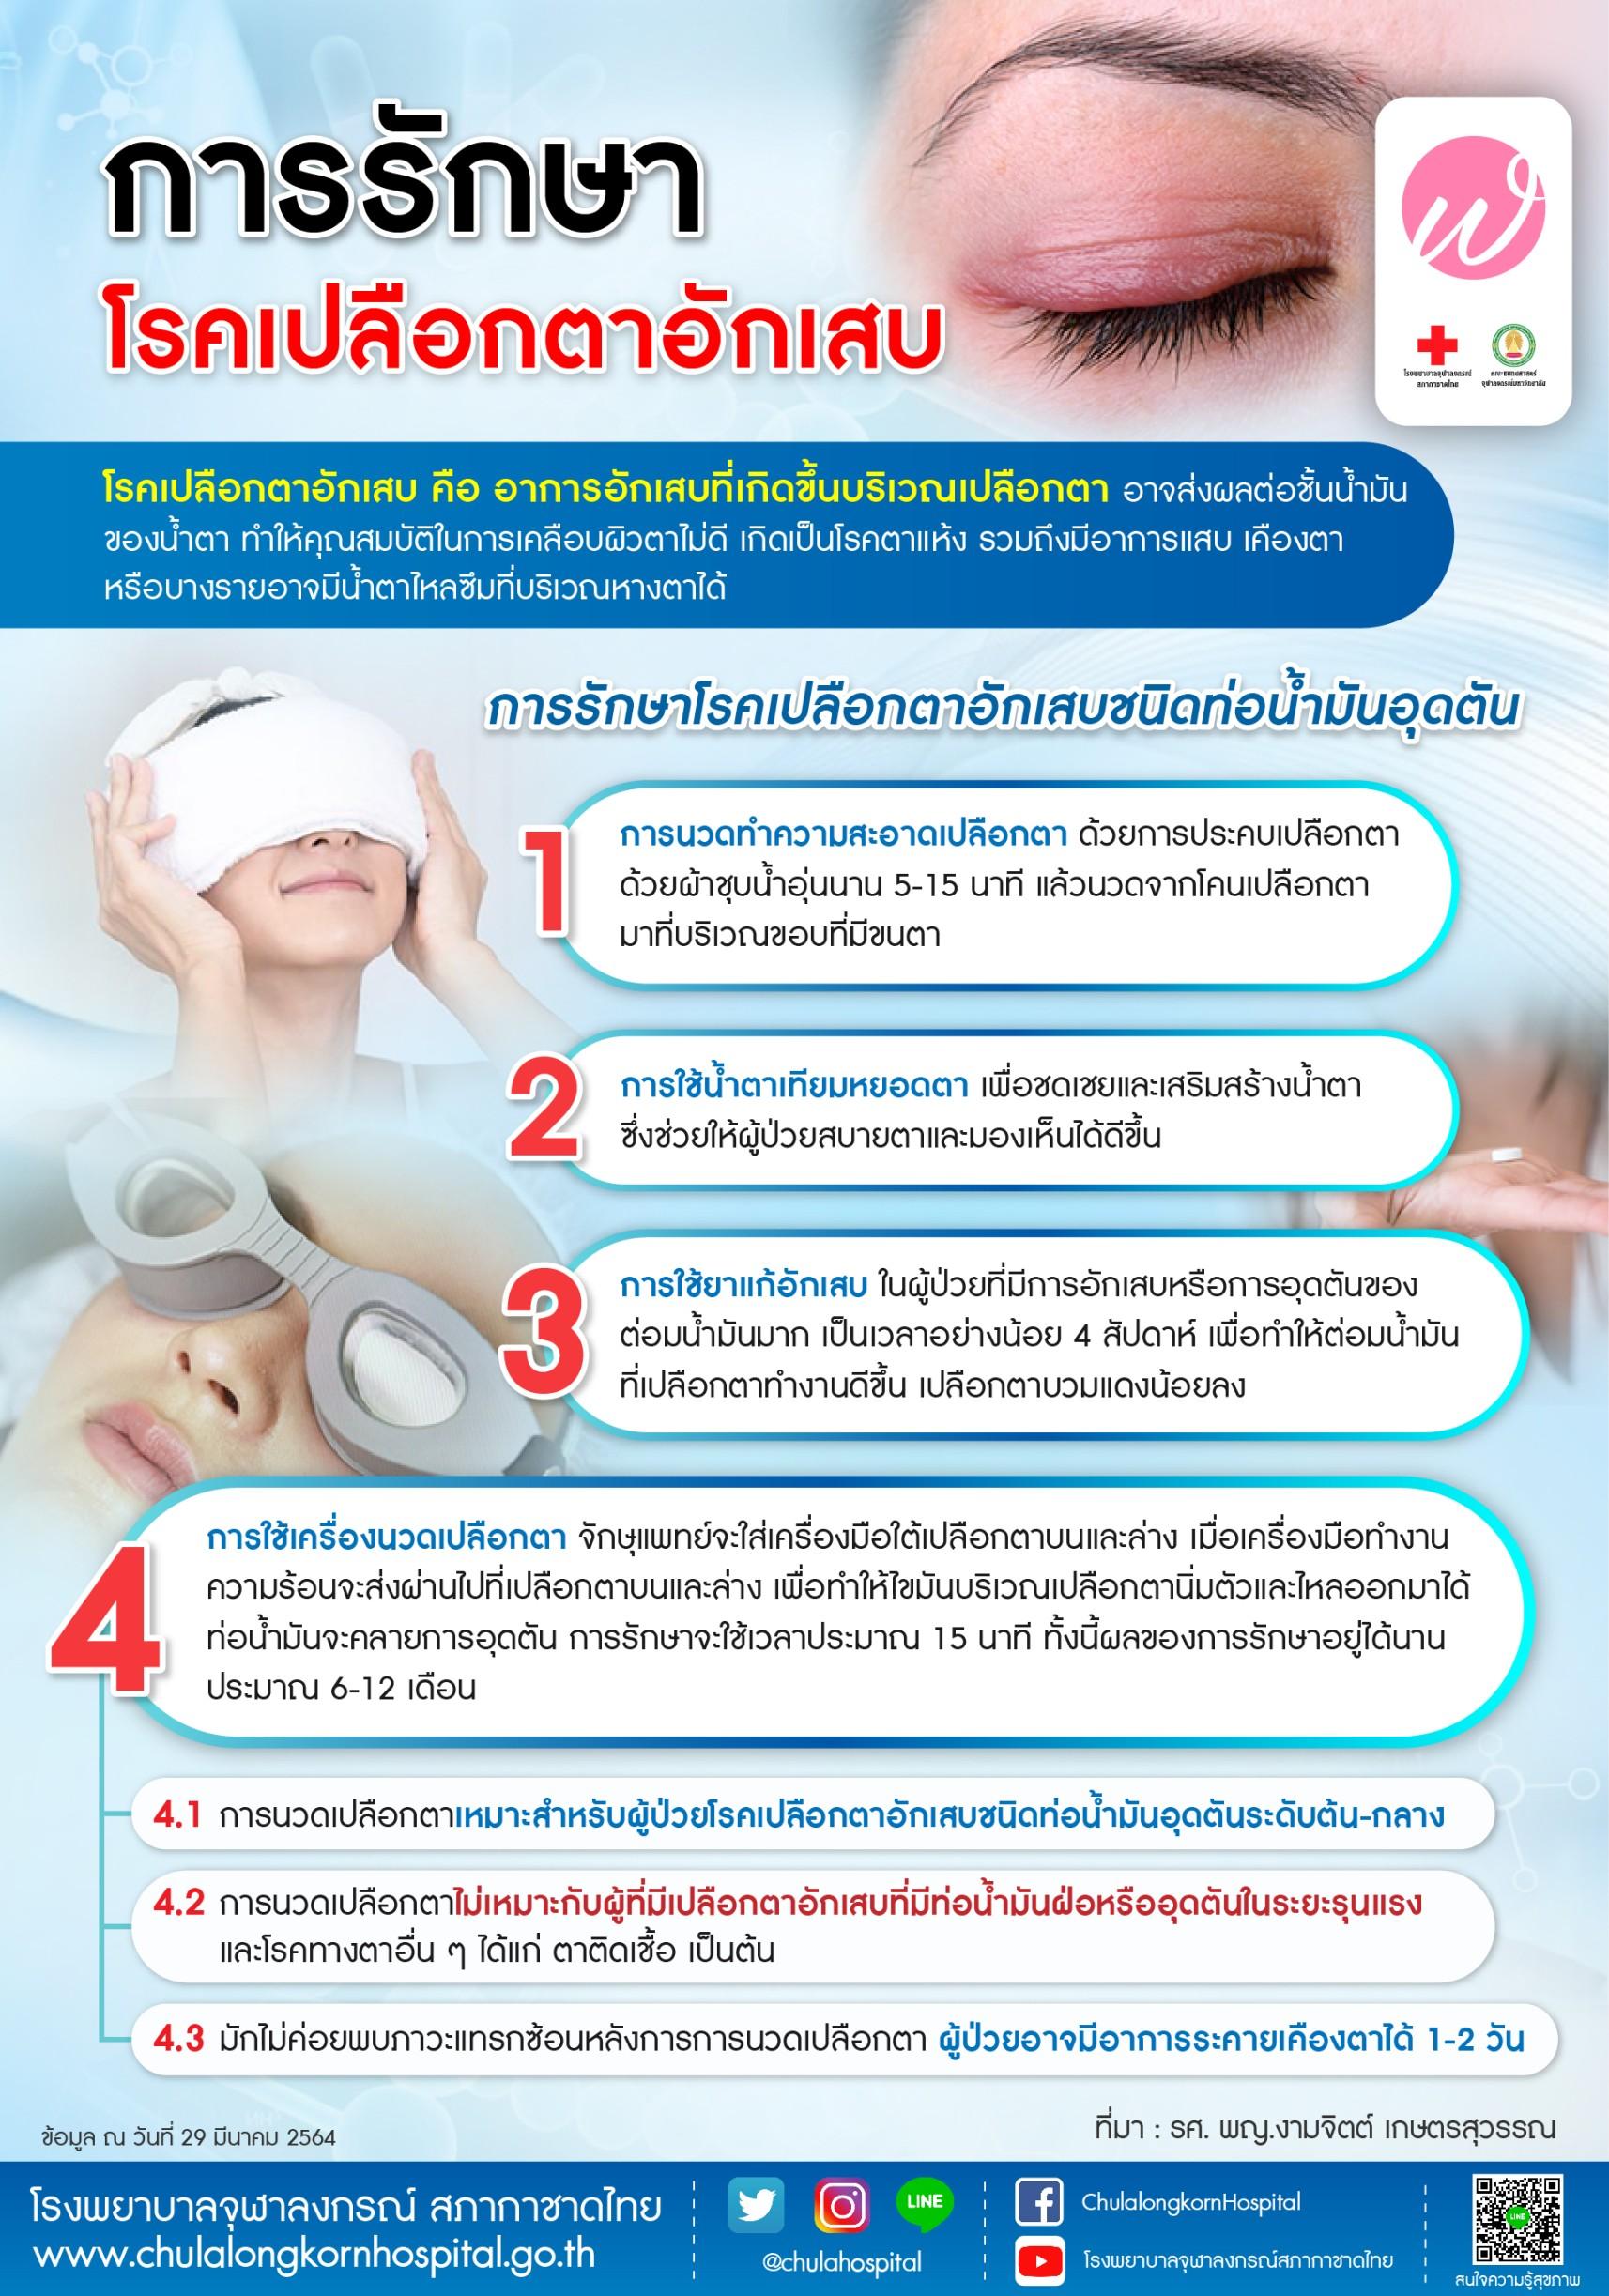 การรักษาโรคเปลือกตาอักเสบ